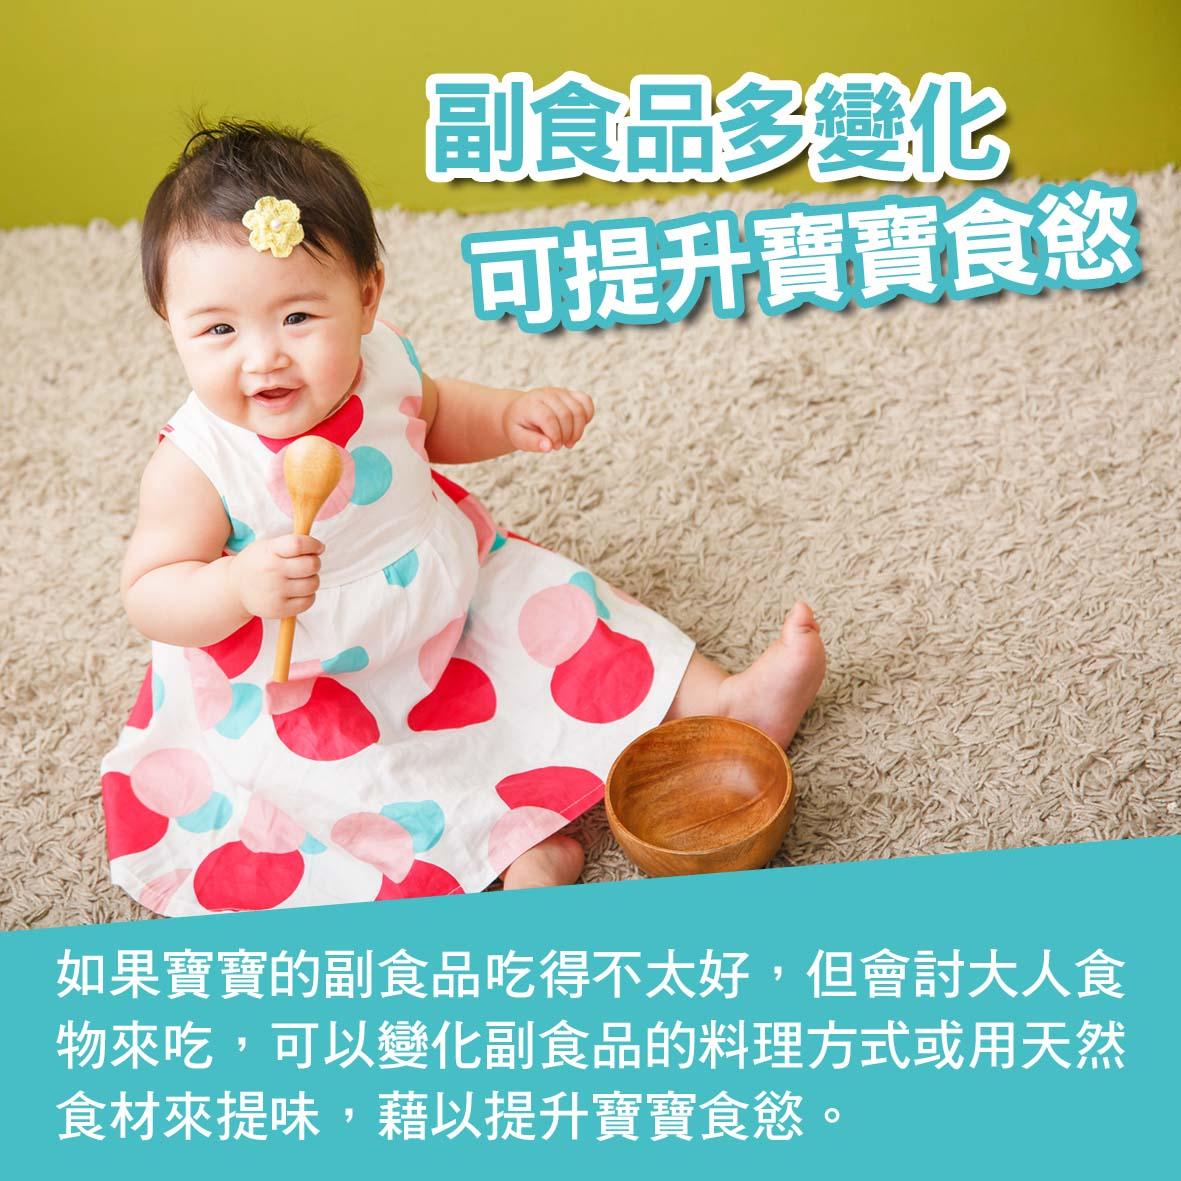 寶寶篇第41週-副食品多變化 可提升寶寶食慾